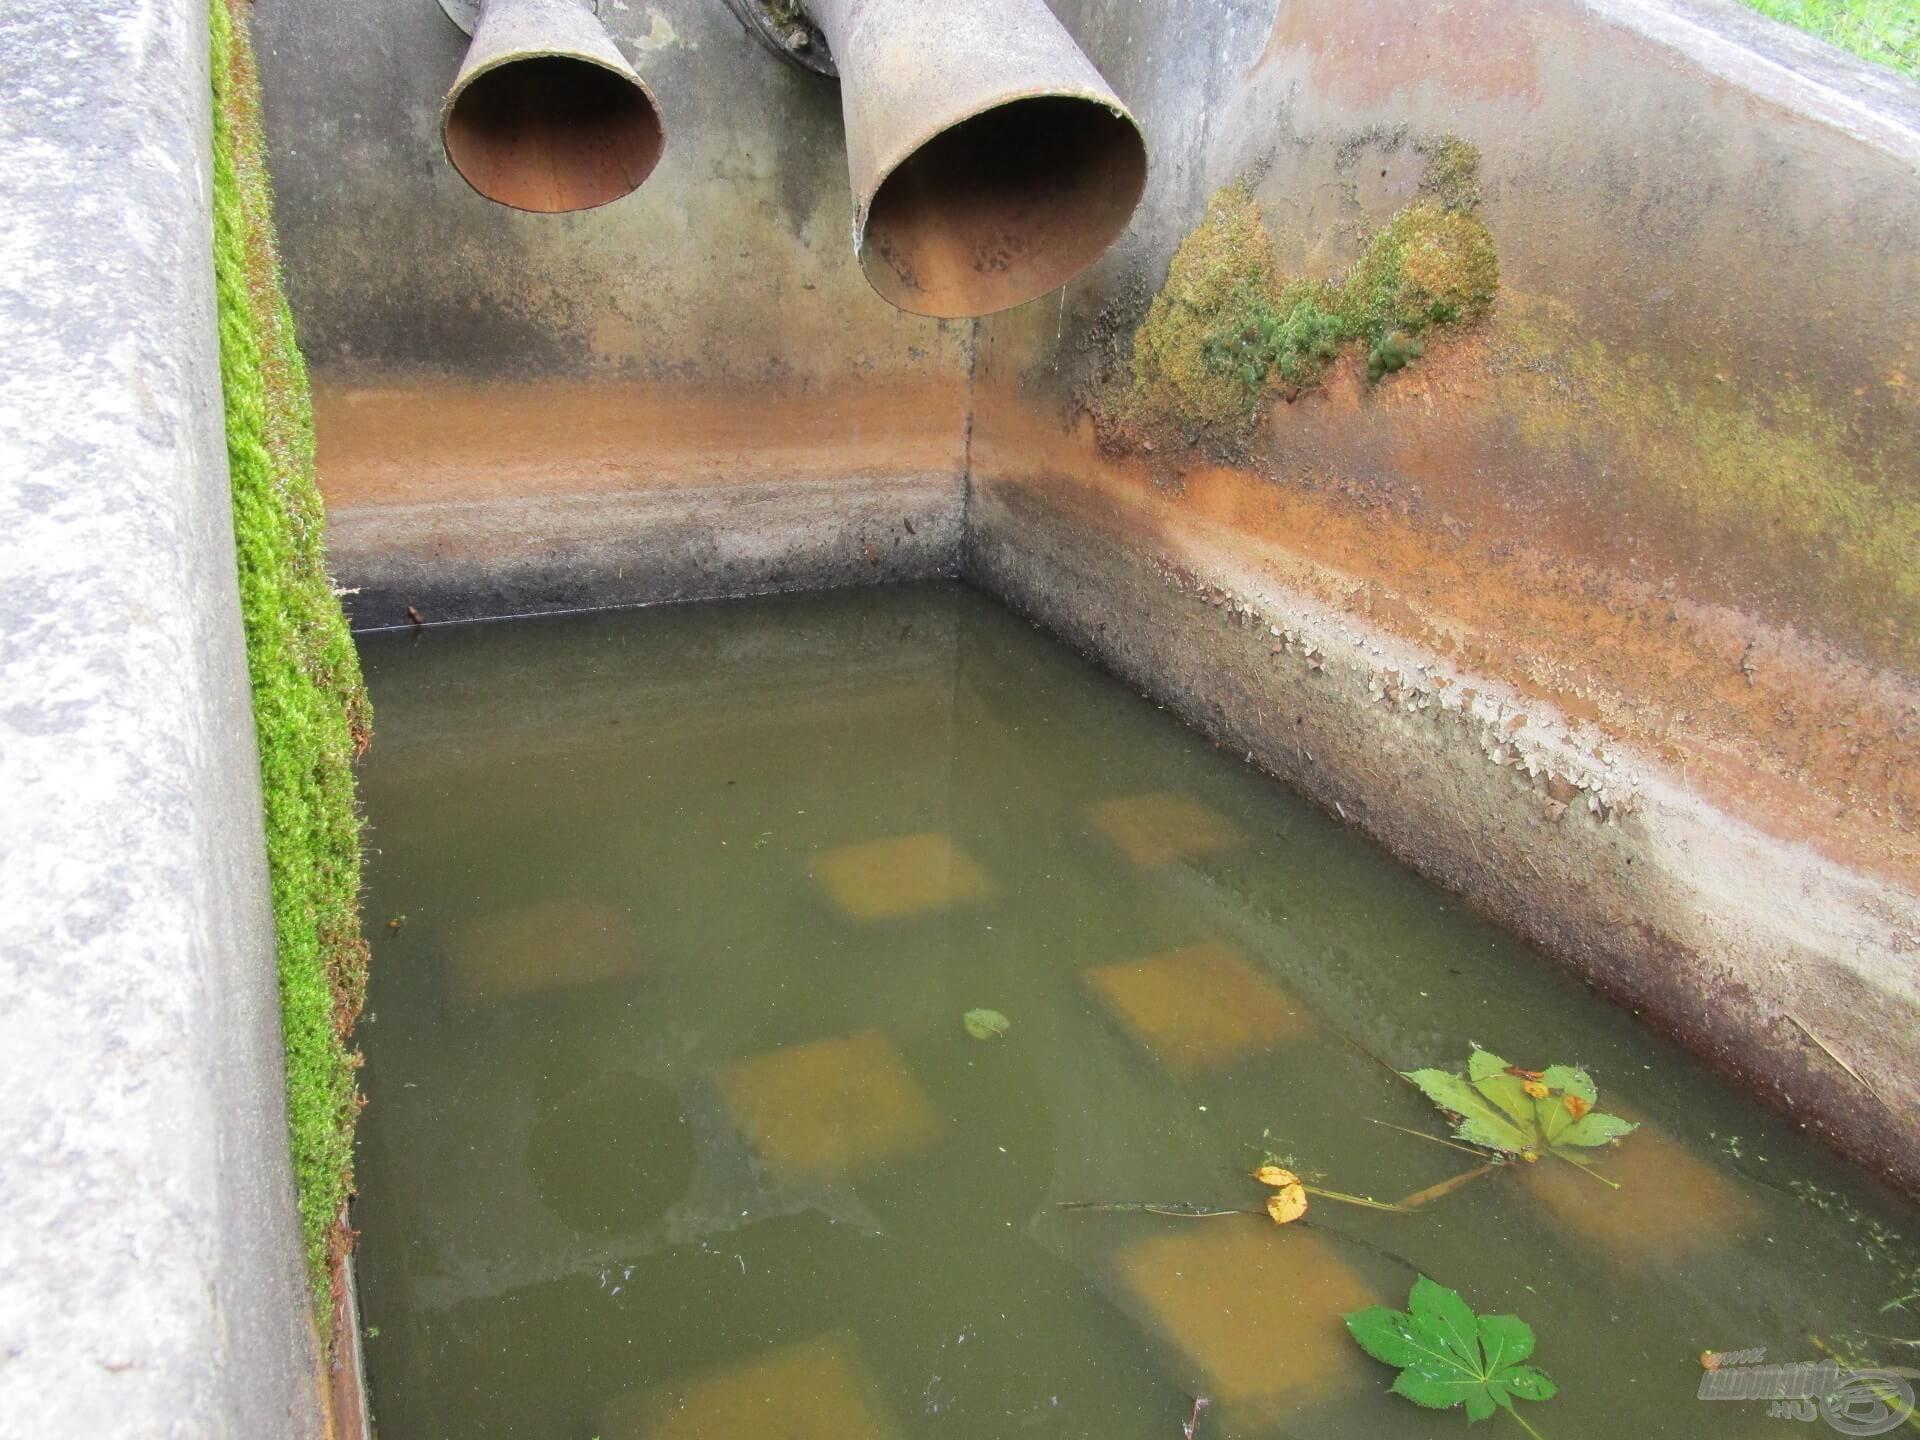 Alacsonyabb vízállásnál mindig látszanak ezek a kis betonkockák